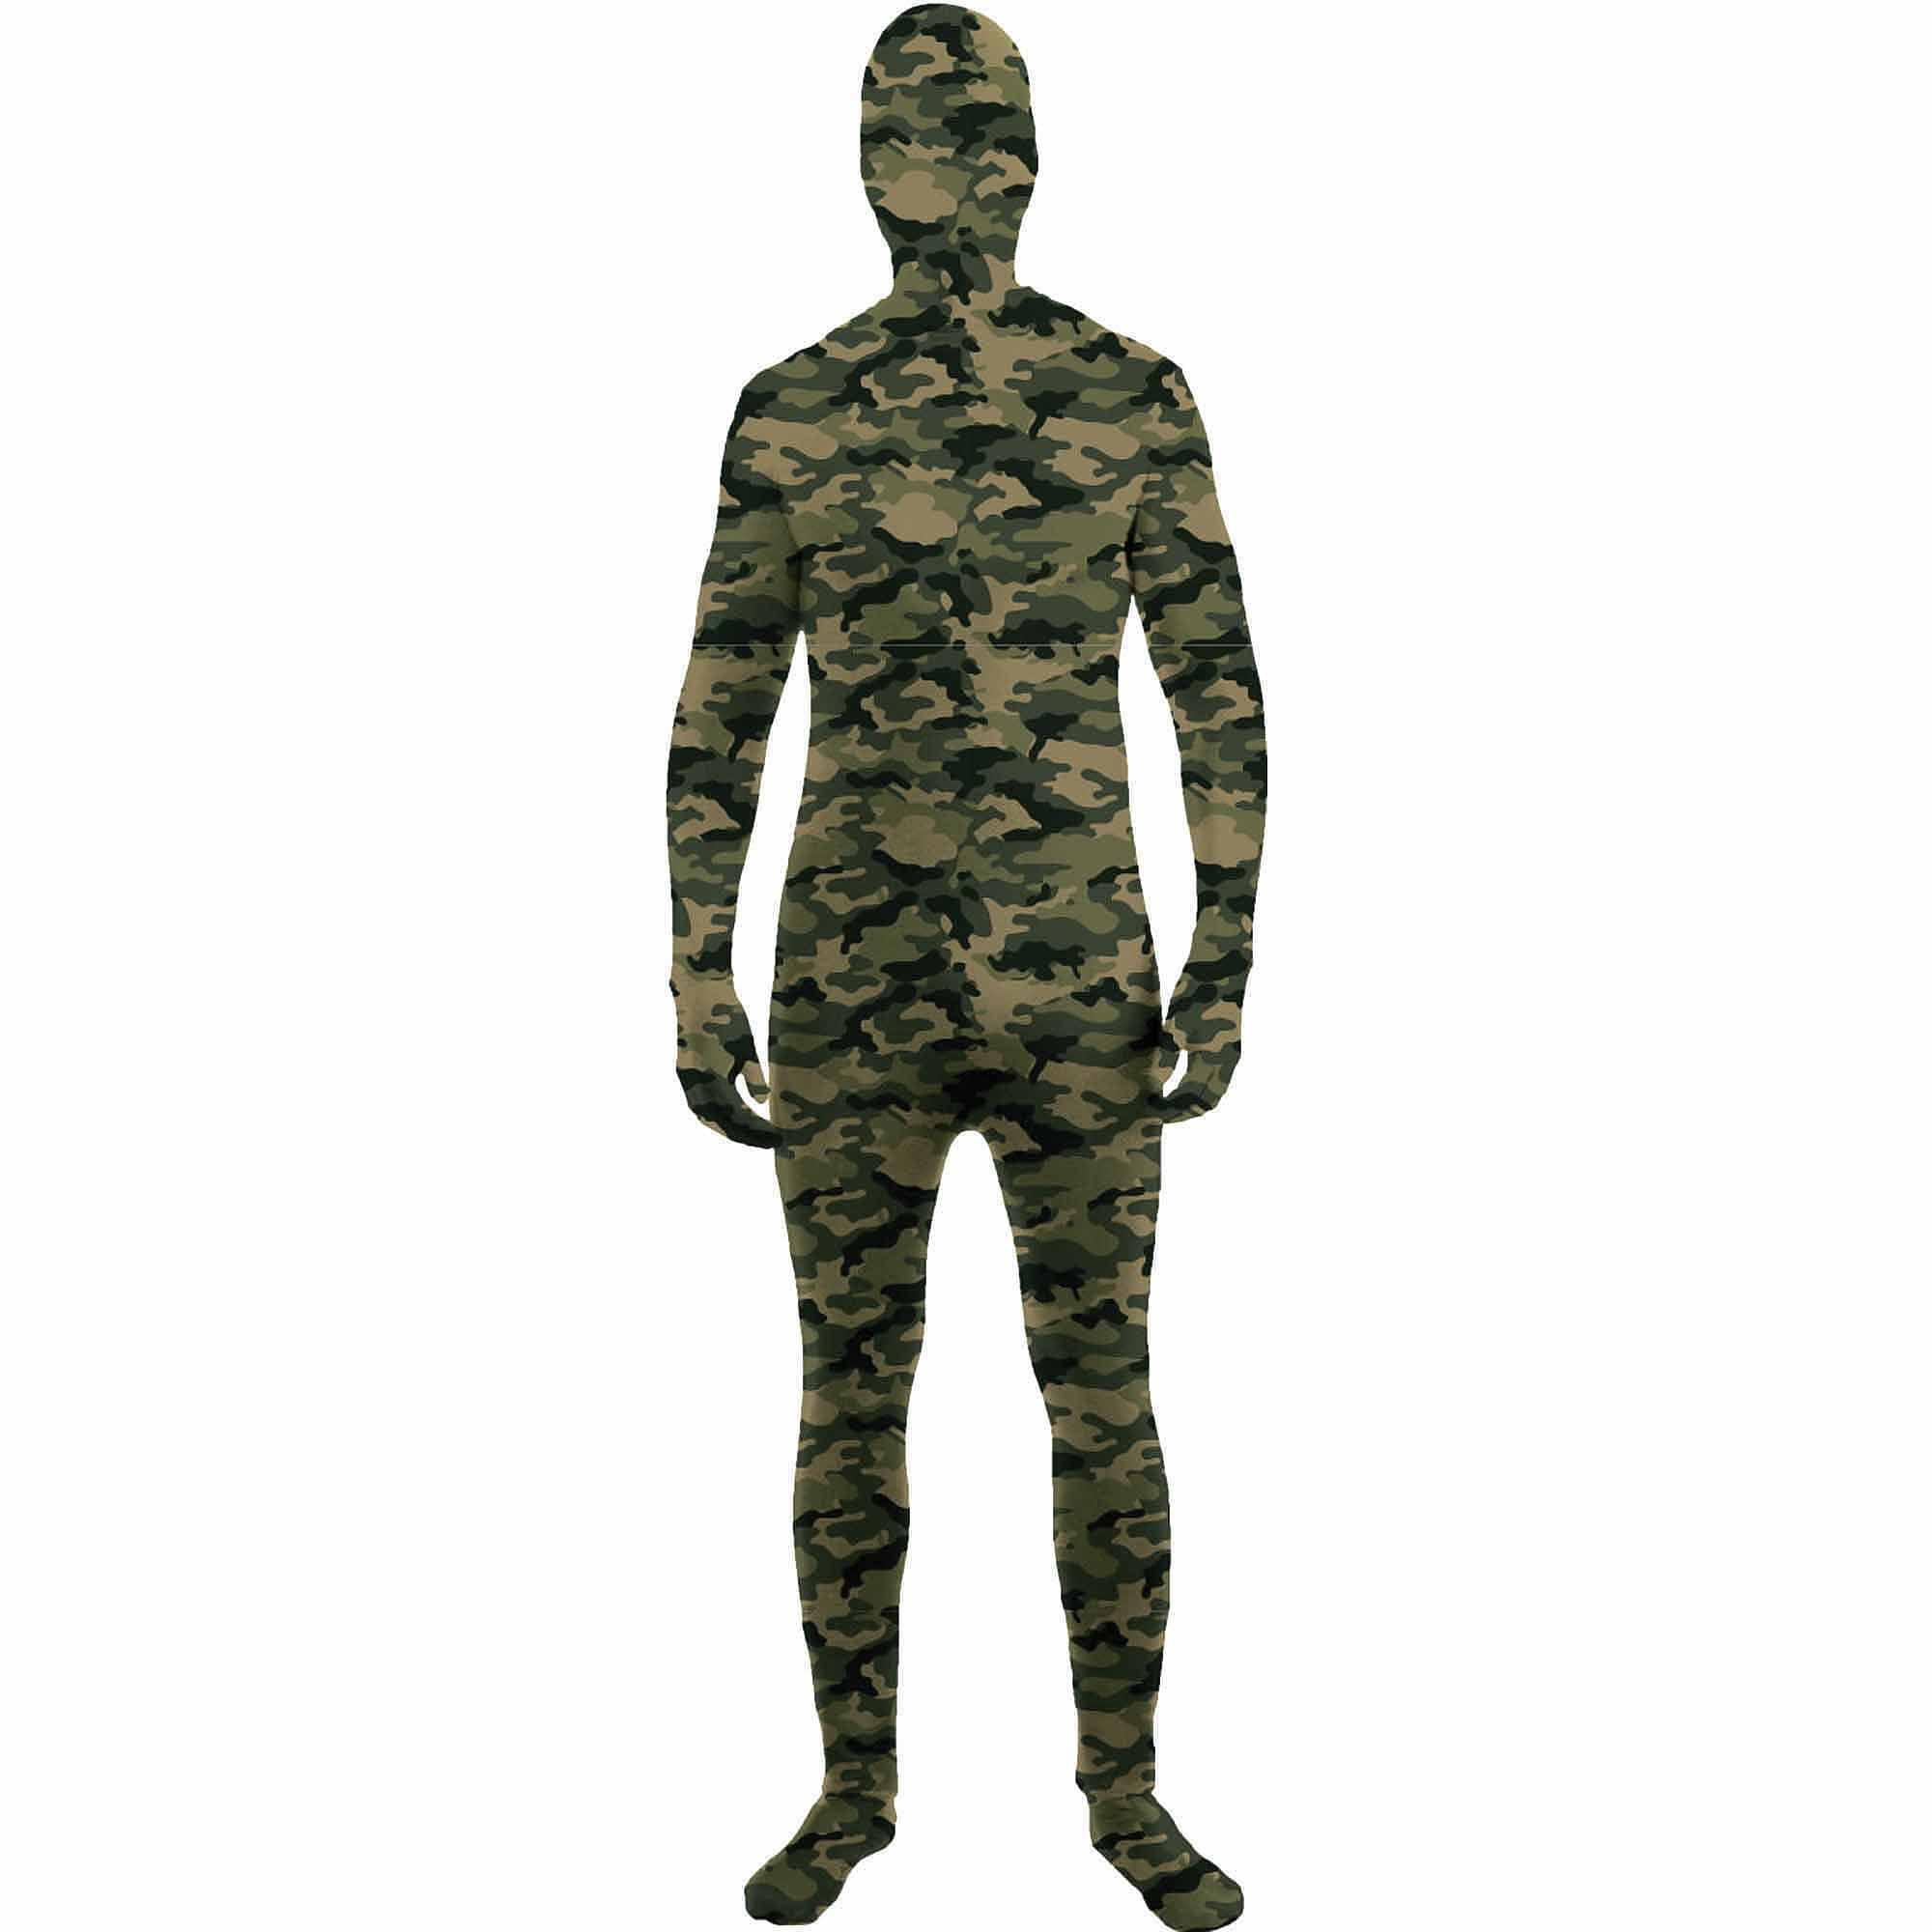 Skin Suit Costume